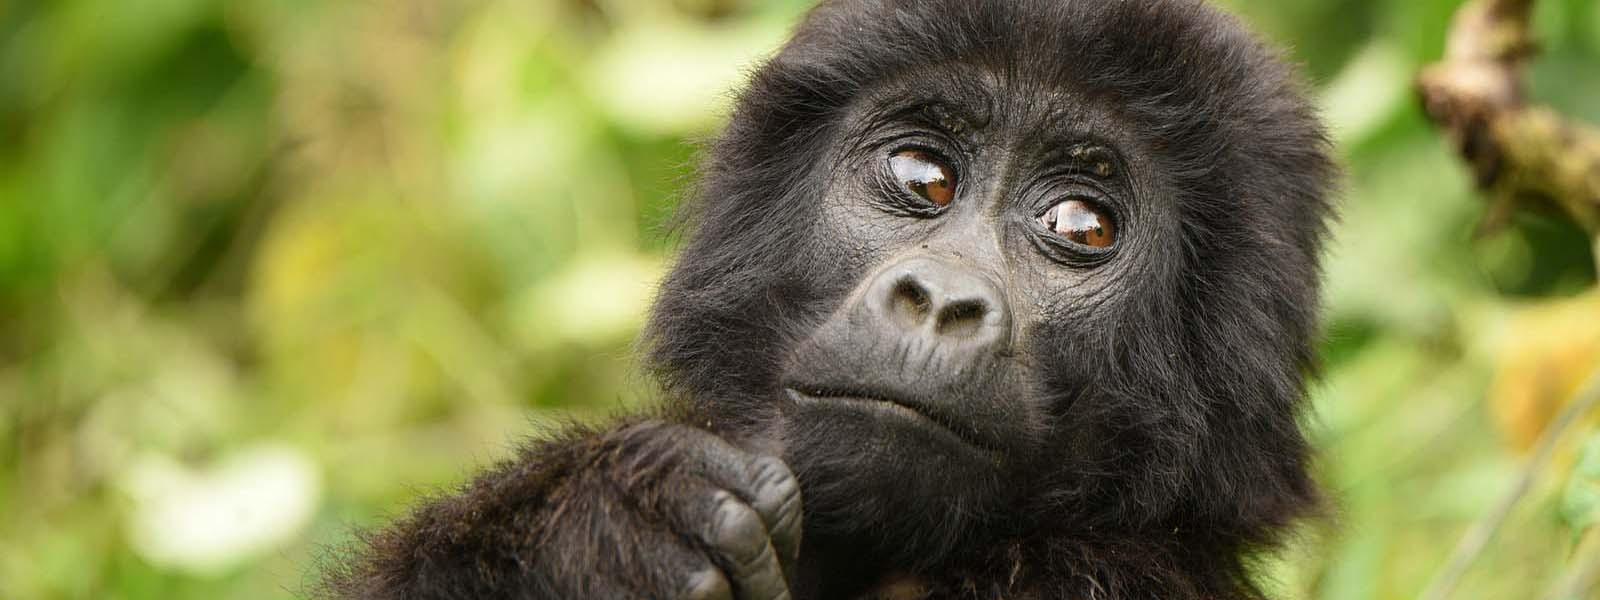 bwindi gorilla from kigali